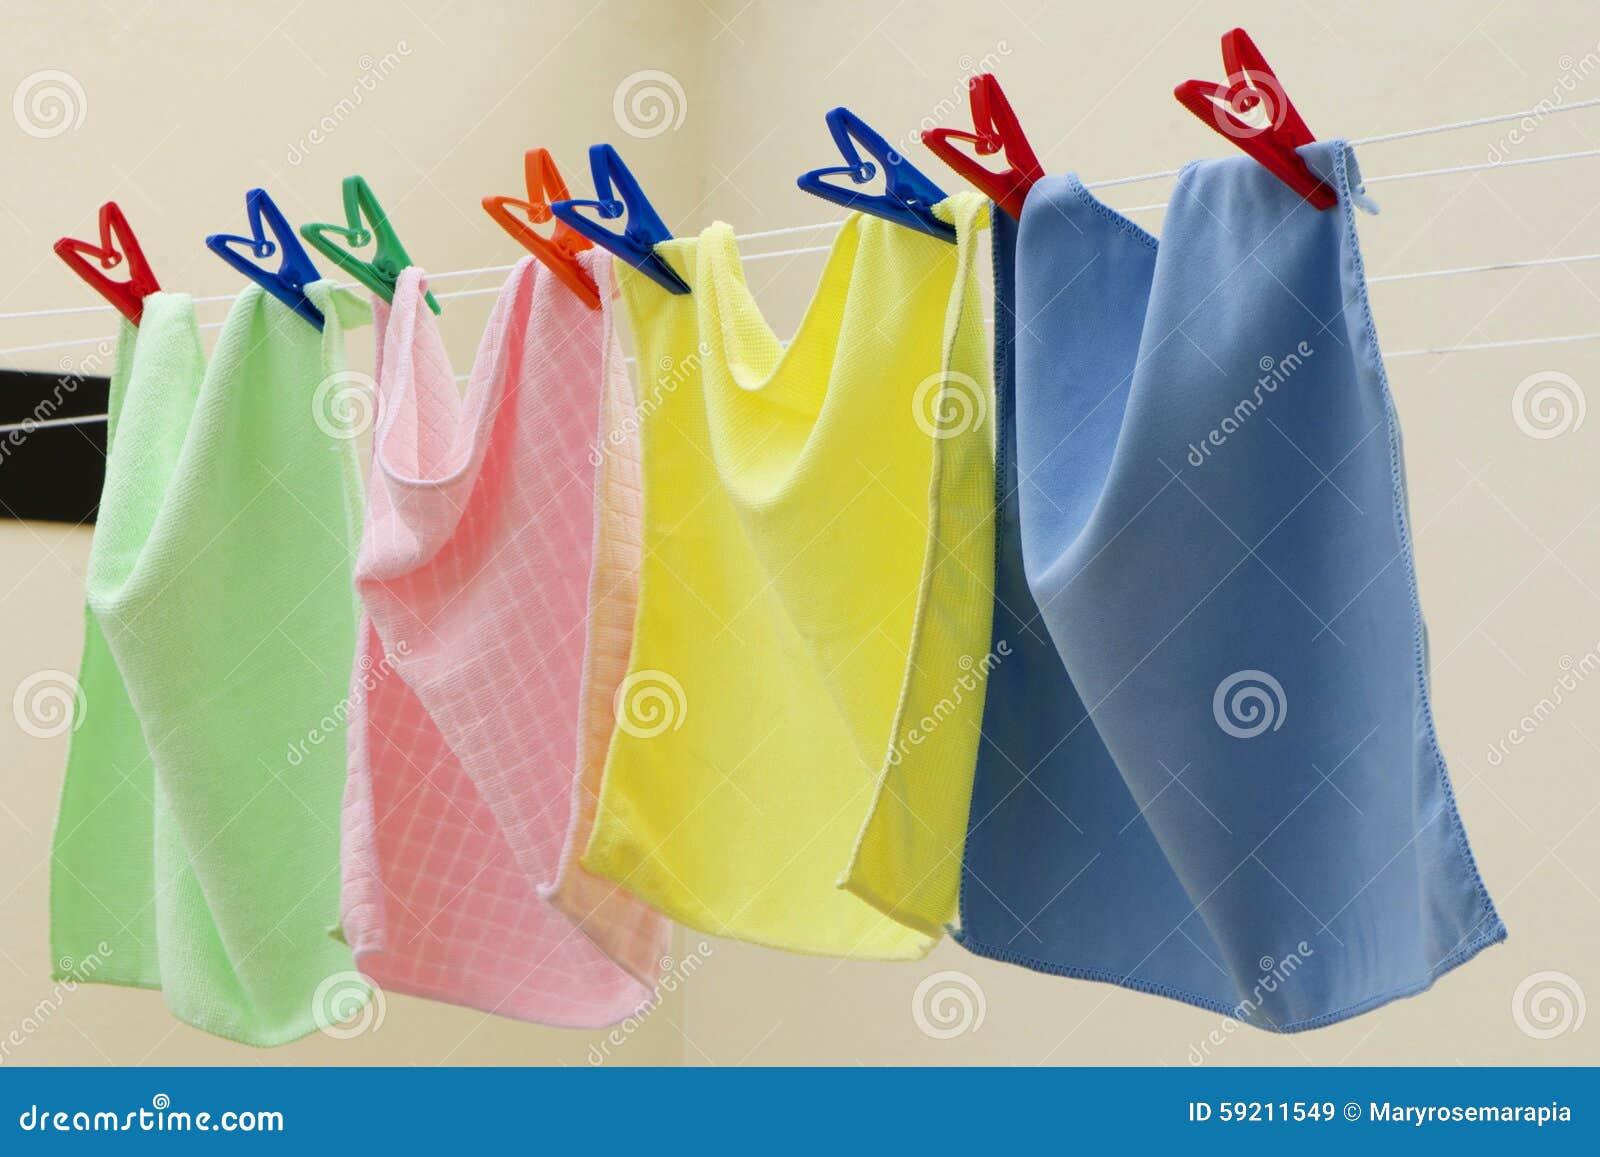 Färgrik torkduk som hänger för att torka